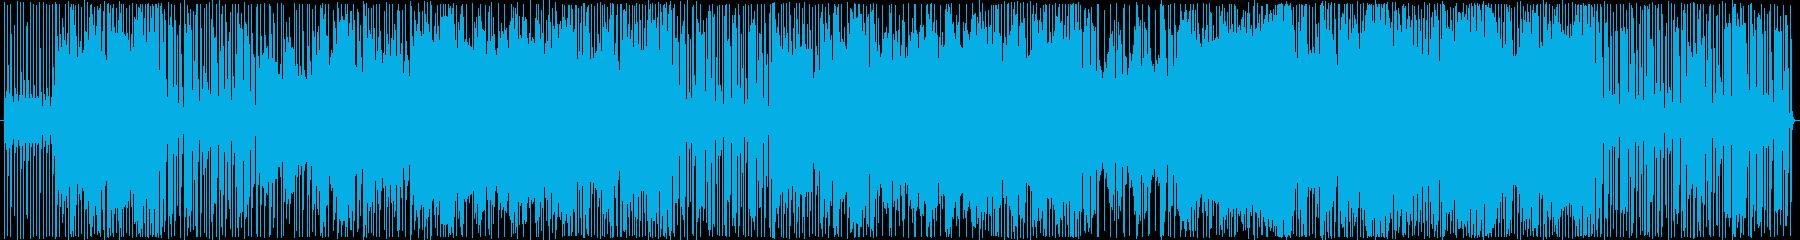 繰り返し聞いてしまうの再生済みの波形